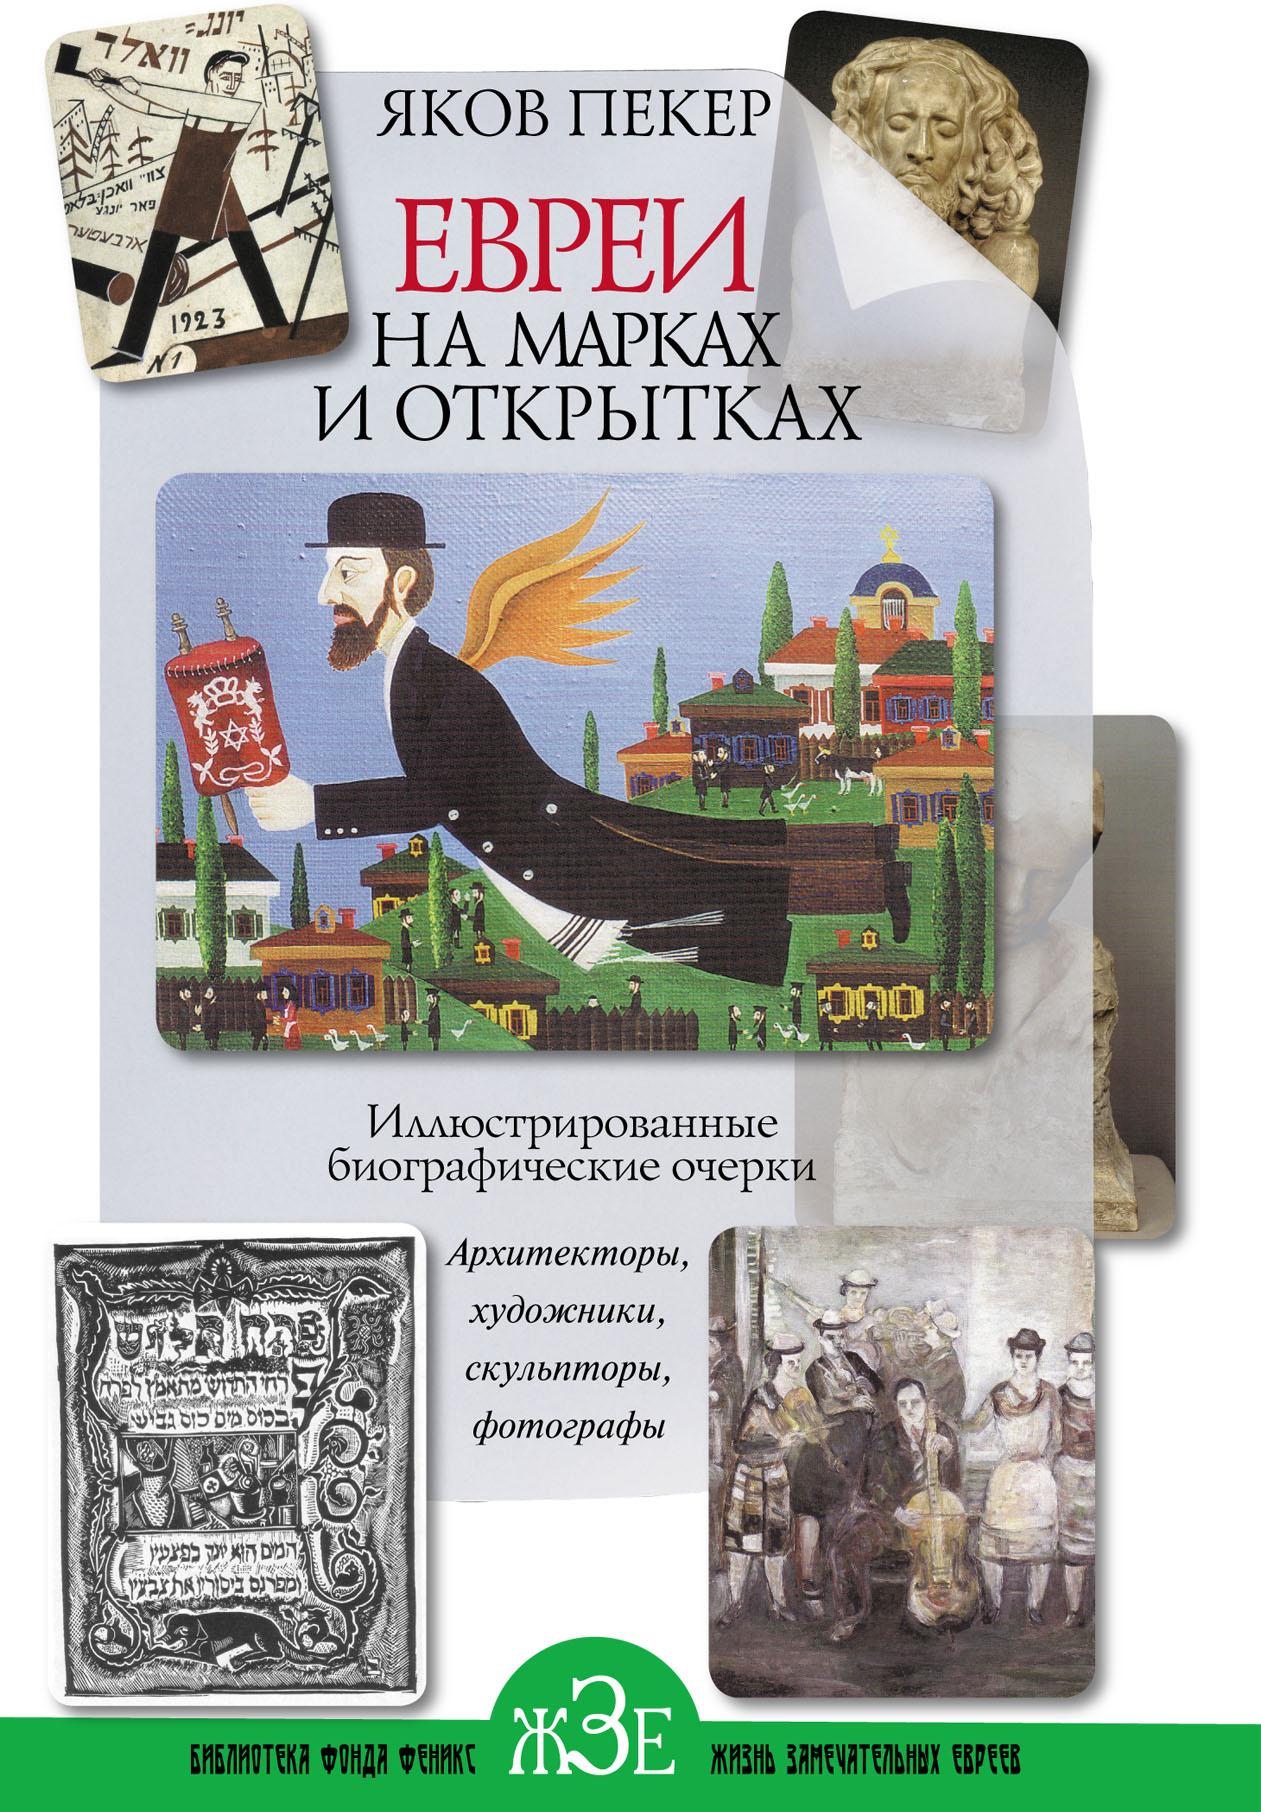 Евреи на марках и открытках. Иллюстрированные биографические очерки. Книга 2. Архитекторы, скульпторы, художники, фотографы